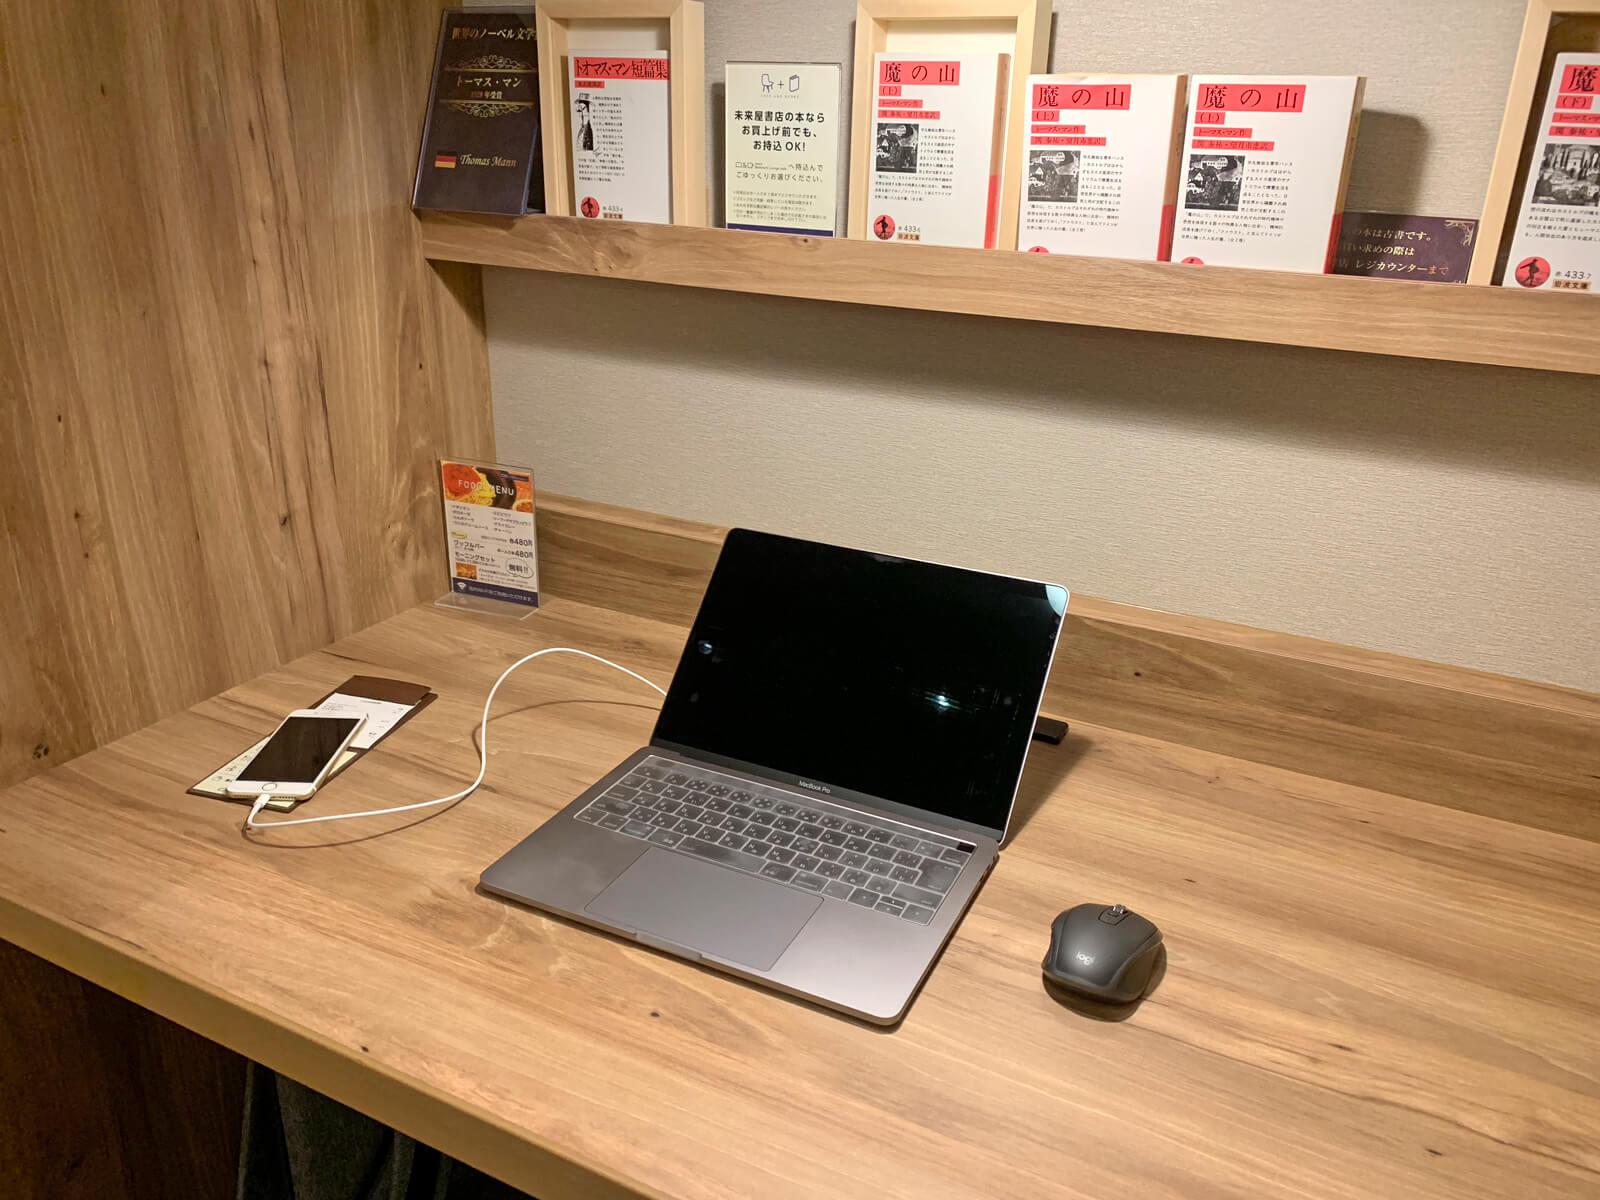 作業スペースには十分な広さ。資料を見ながら作業もできます